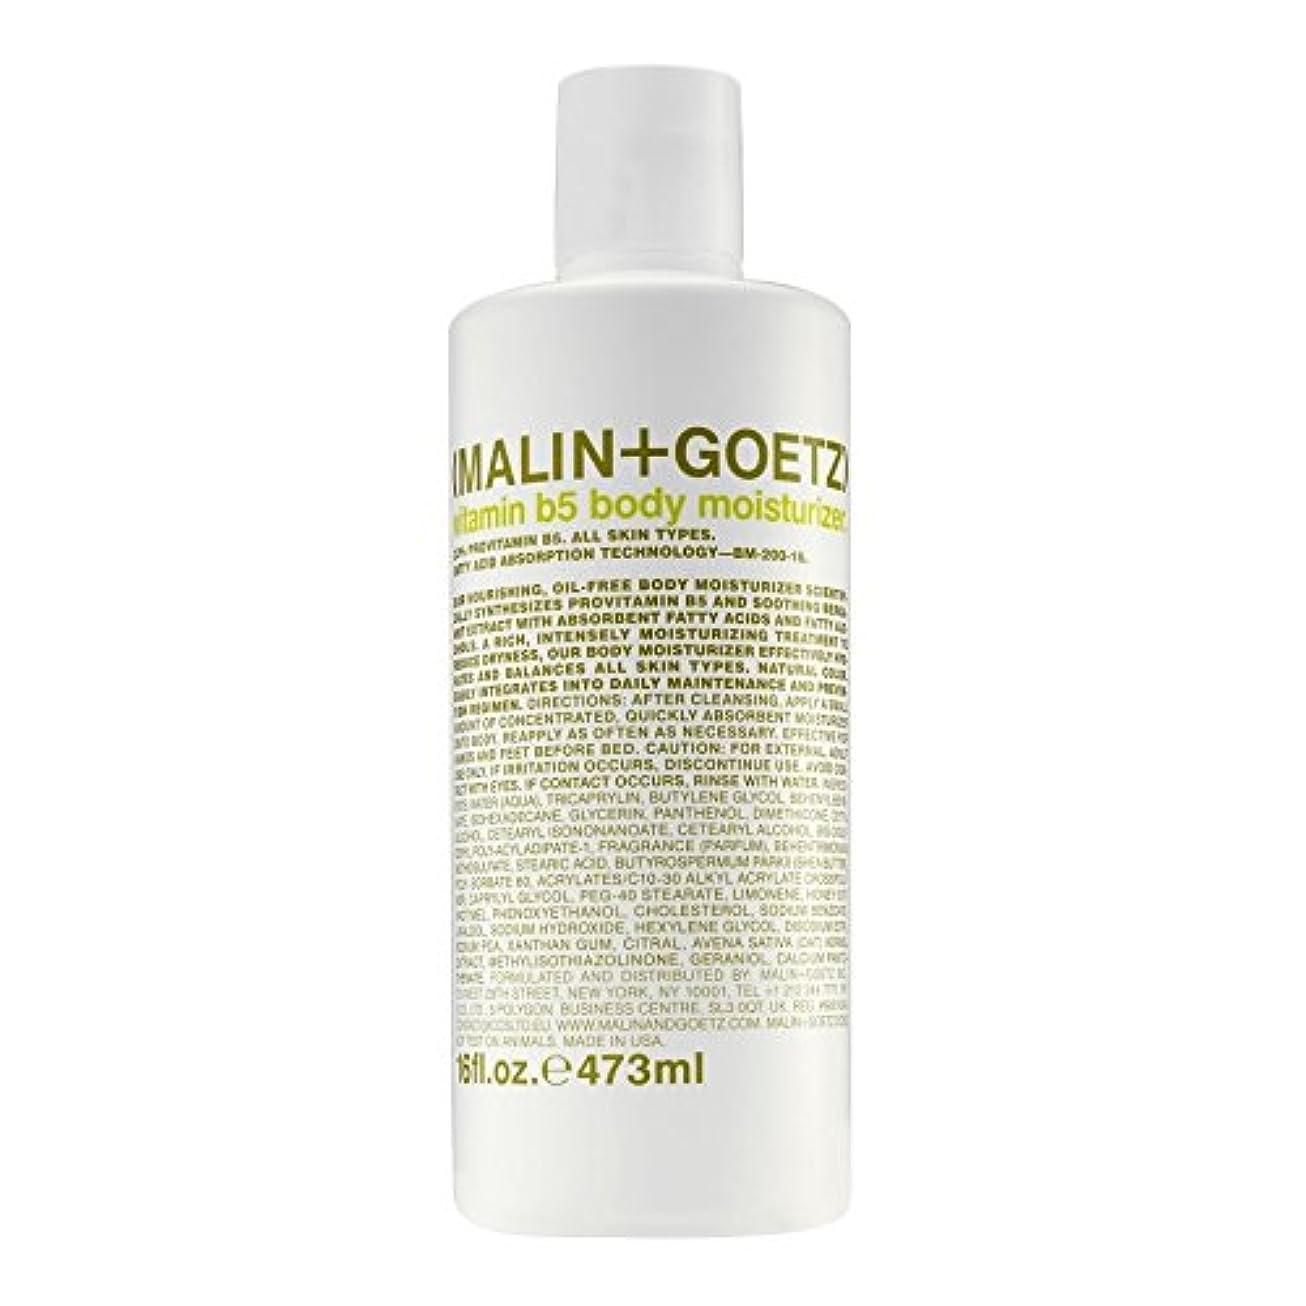 戦艦北西マリン+ゲッツビタミン5ボディモイスチャライザーの473ミリリットル x2 - MALIN+GOETZ Vitamin B5 Body Moisturiser 473ml (Pack of 2) [並行輸入品]